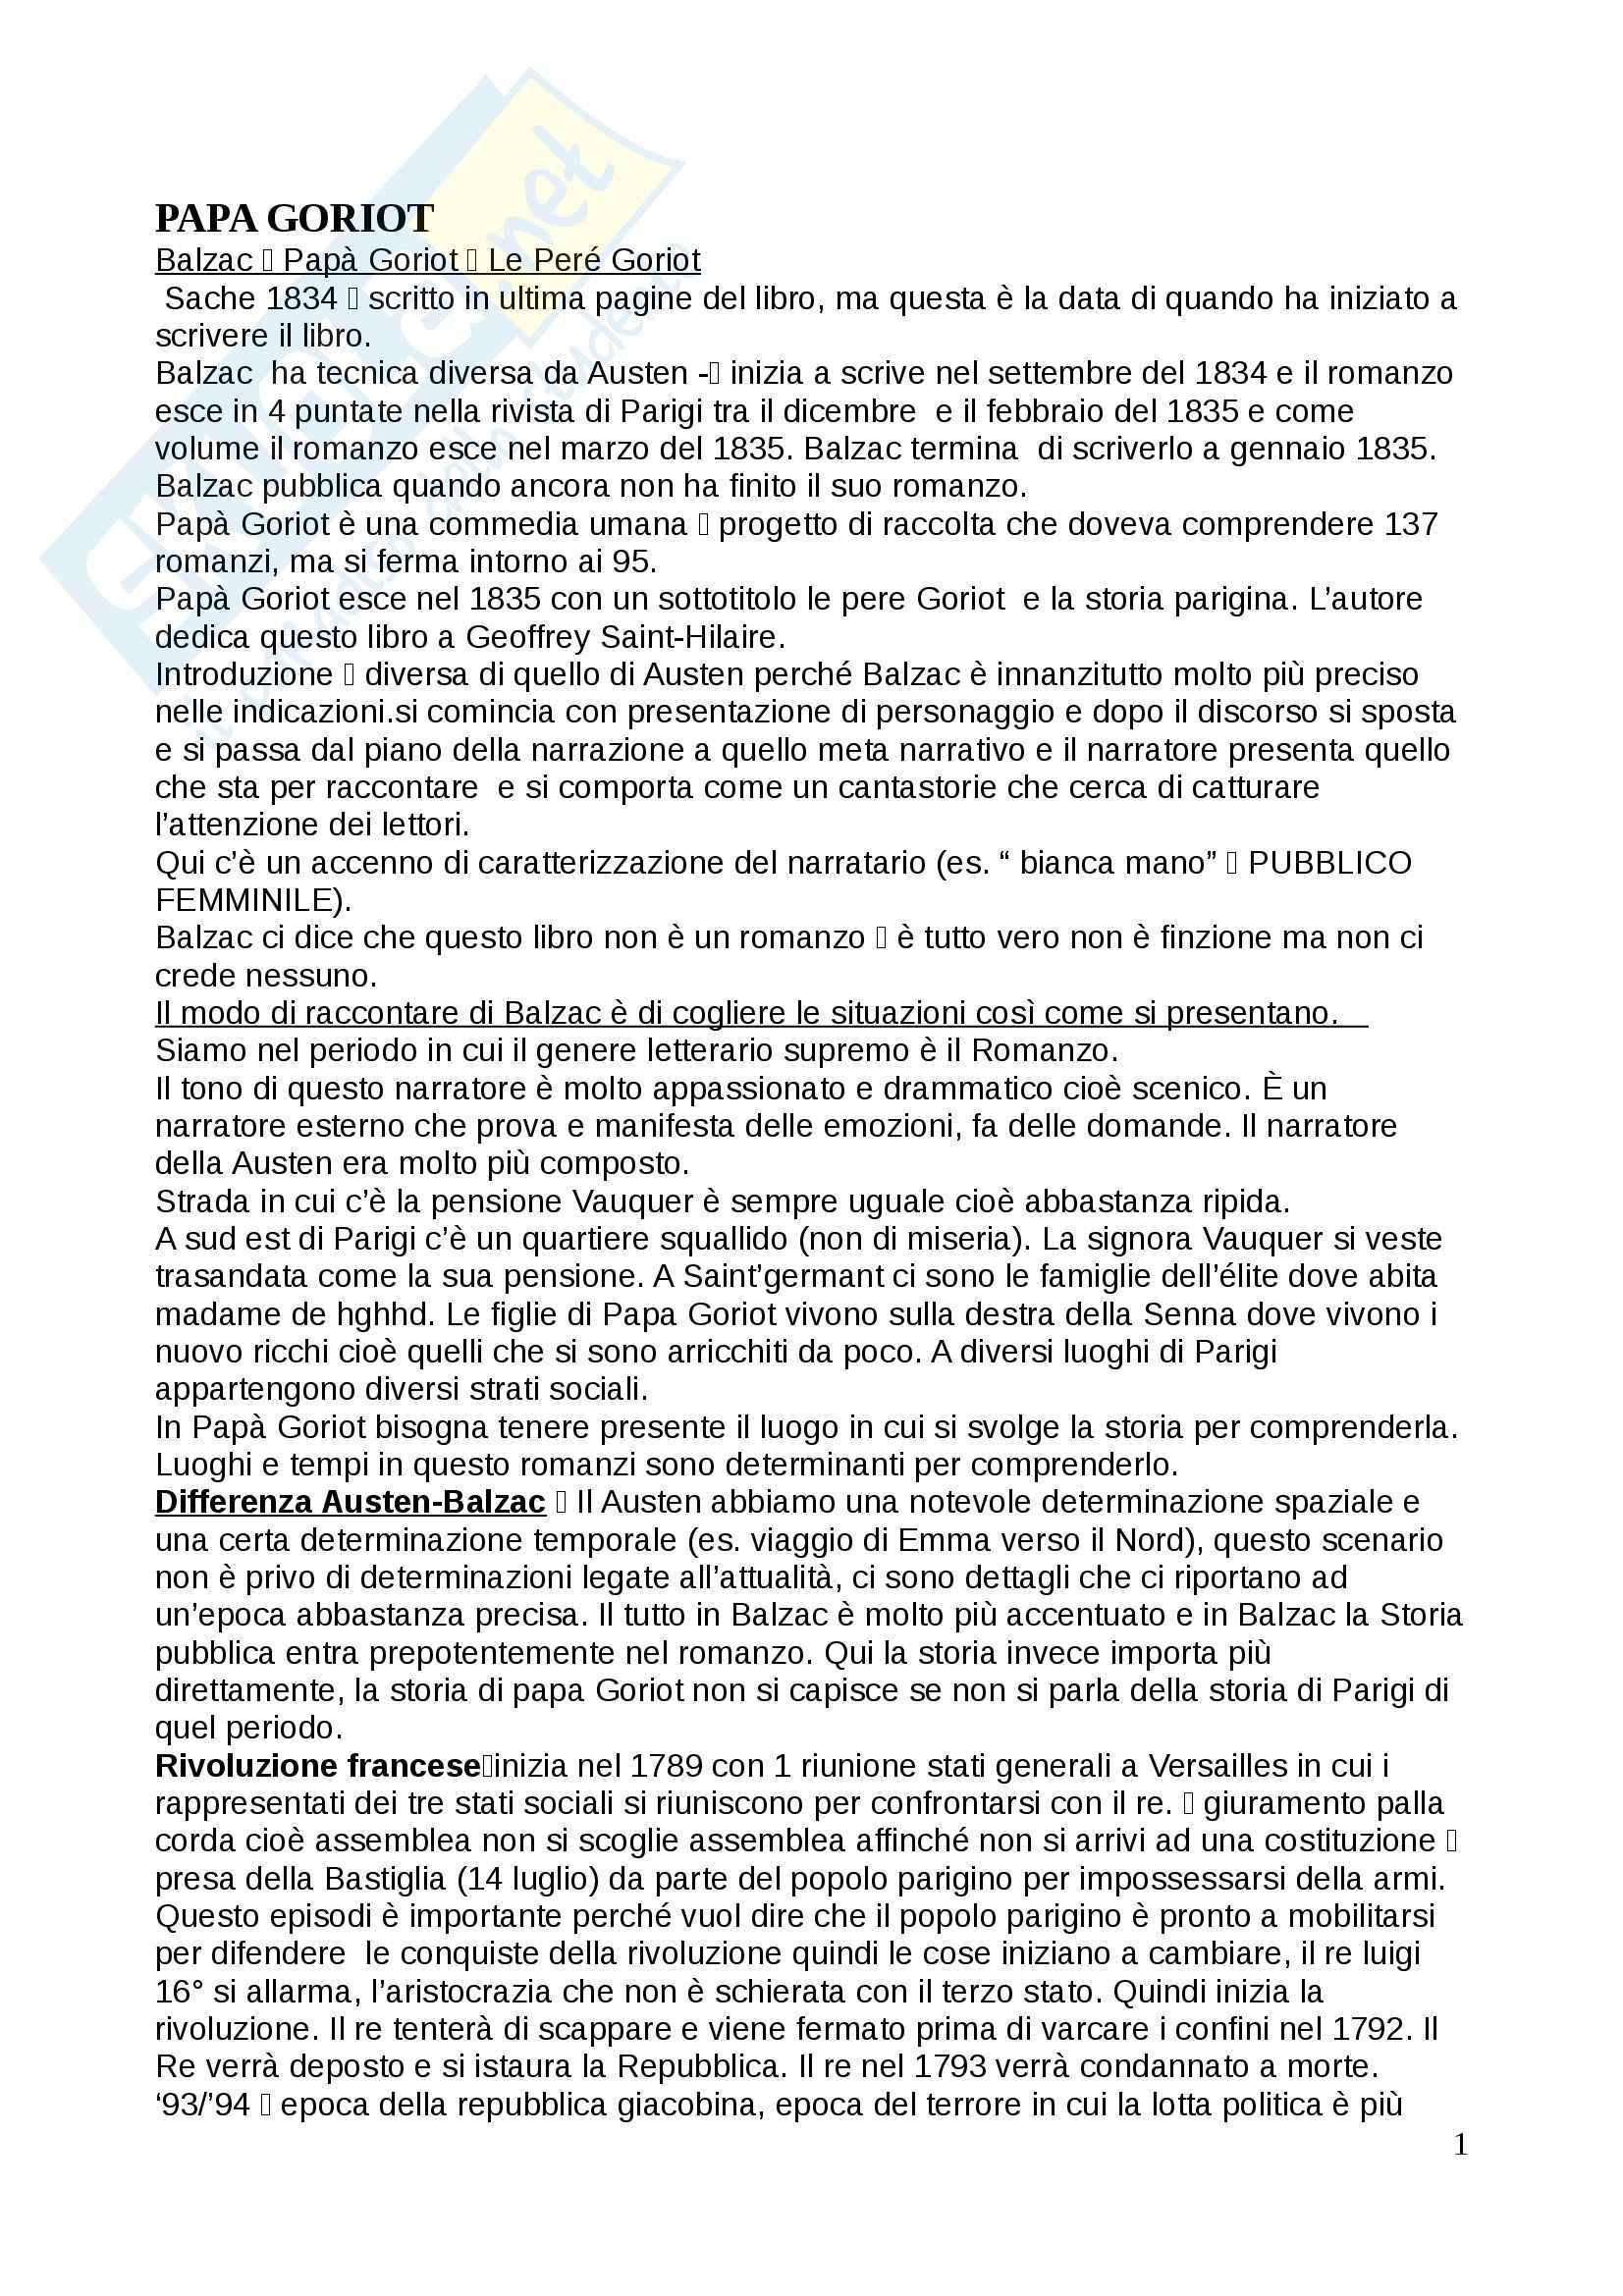 Letteratura italiana - Papa Goriot